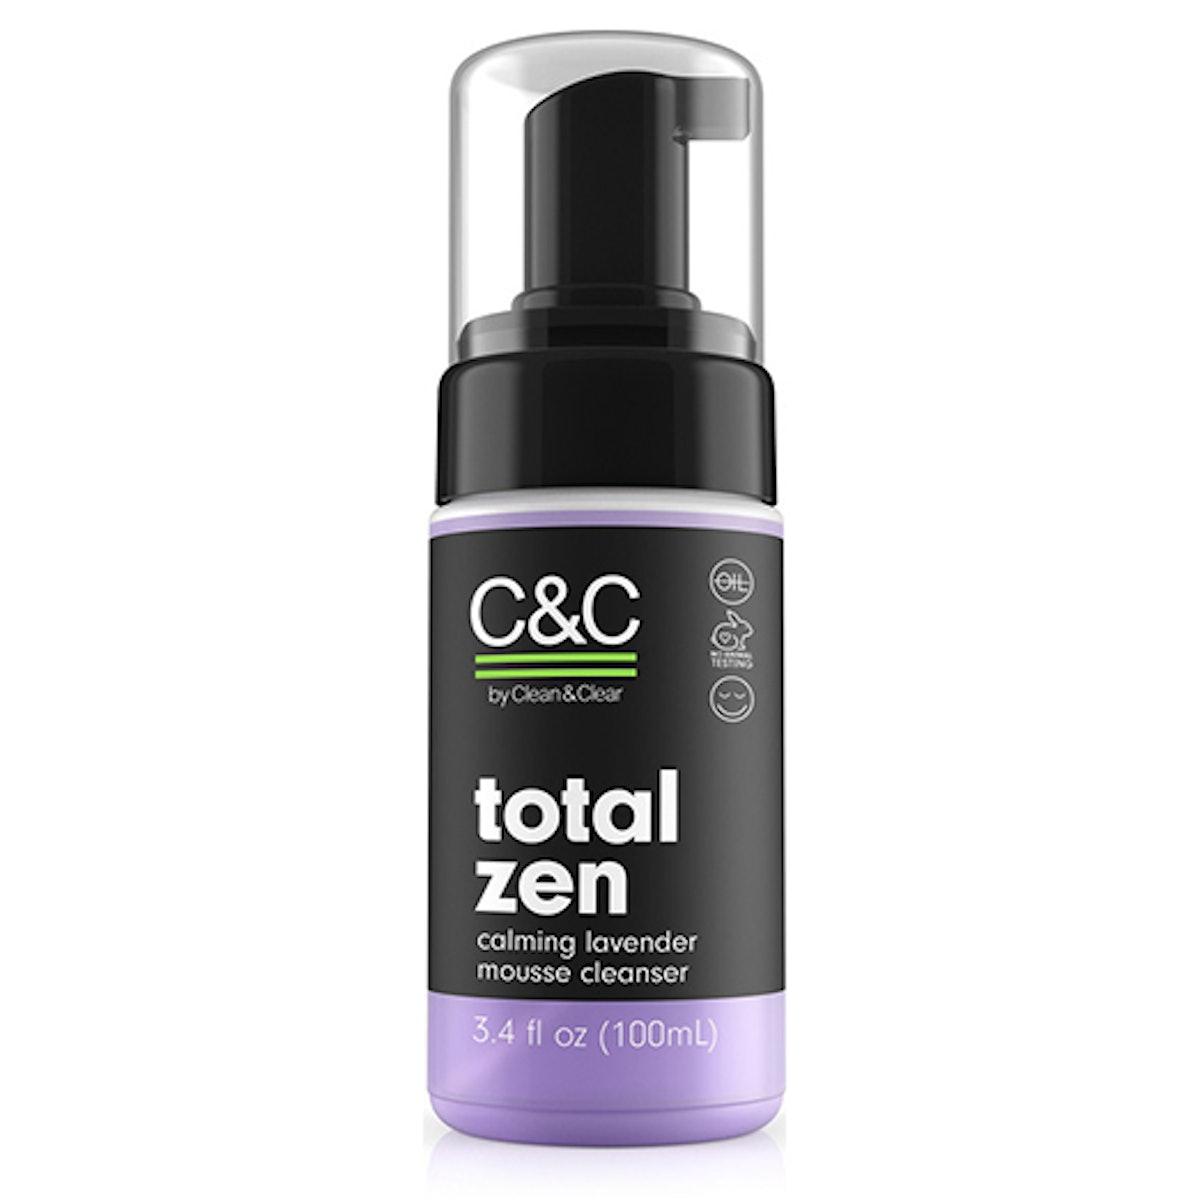 Total Zen Calming Lavender Mousse Cleanser